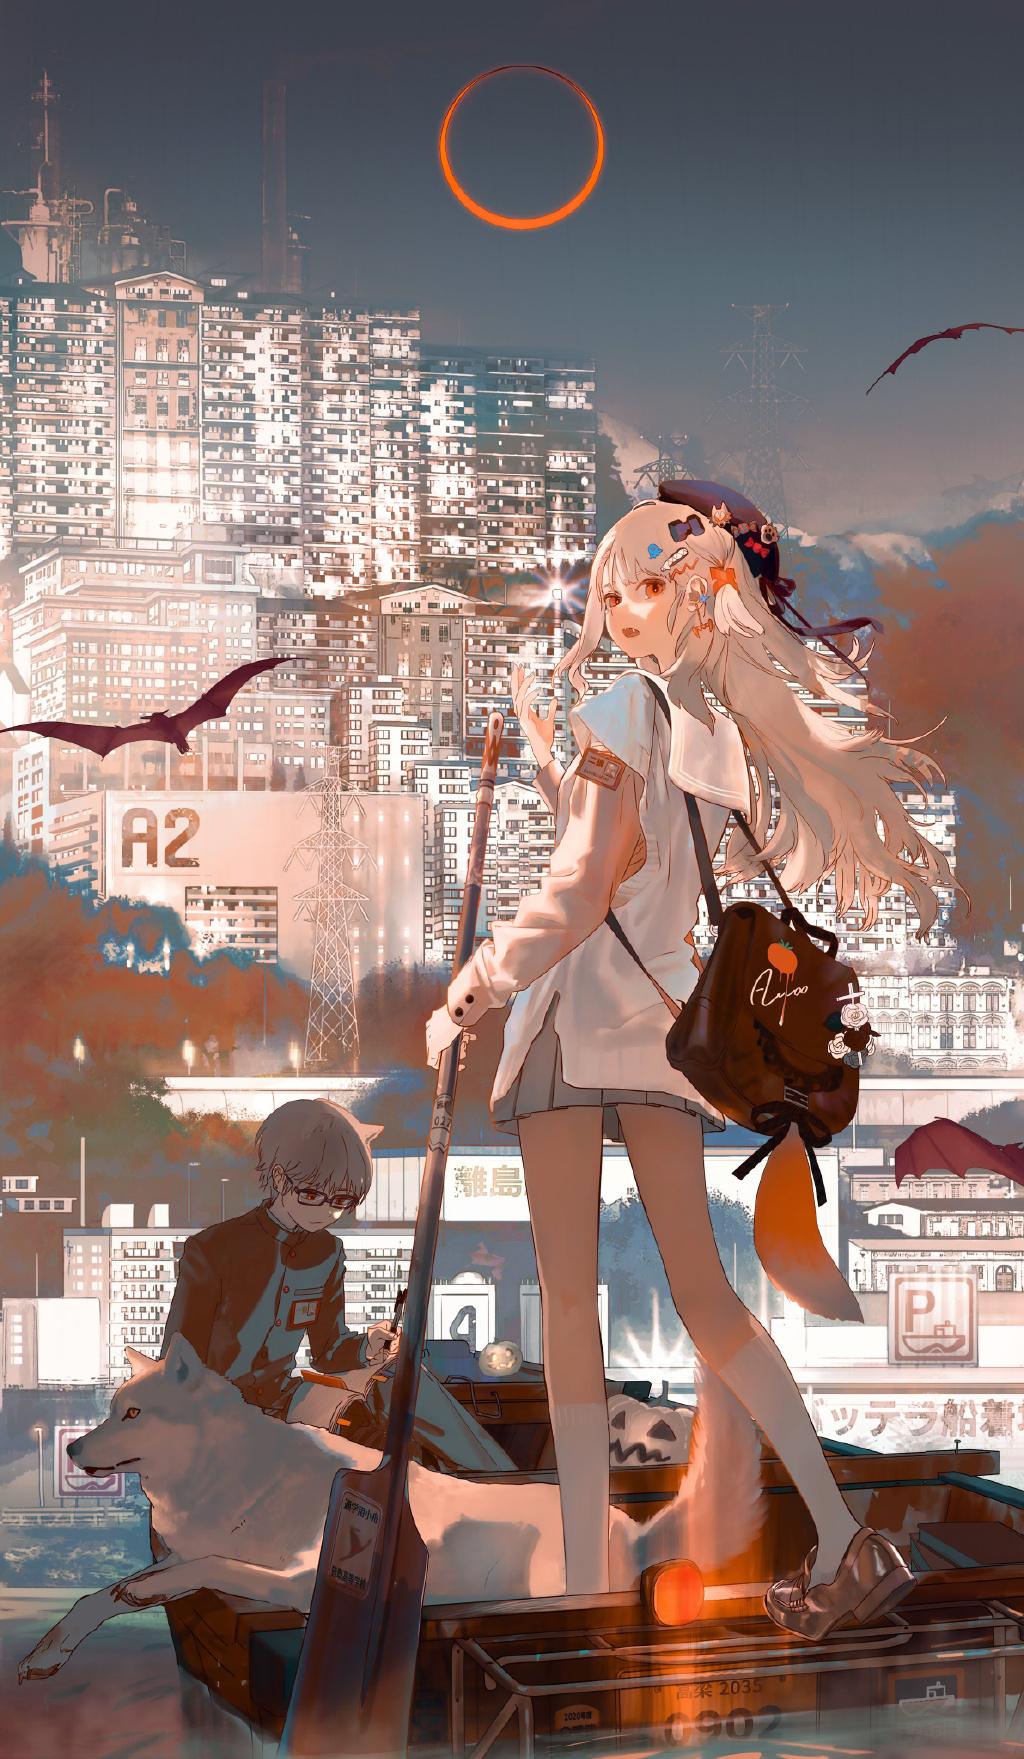 【P站画师】又一位大佬,日本画师くっか的插画作品- ACG17.COM